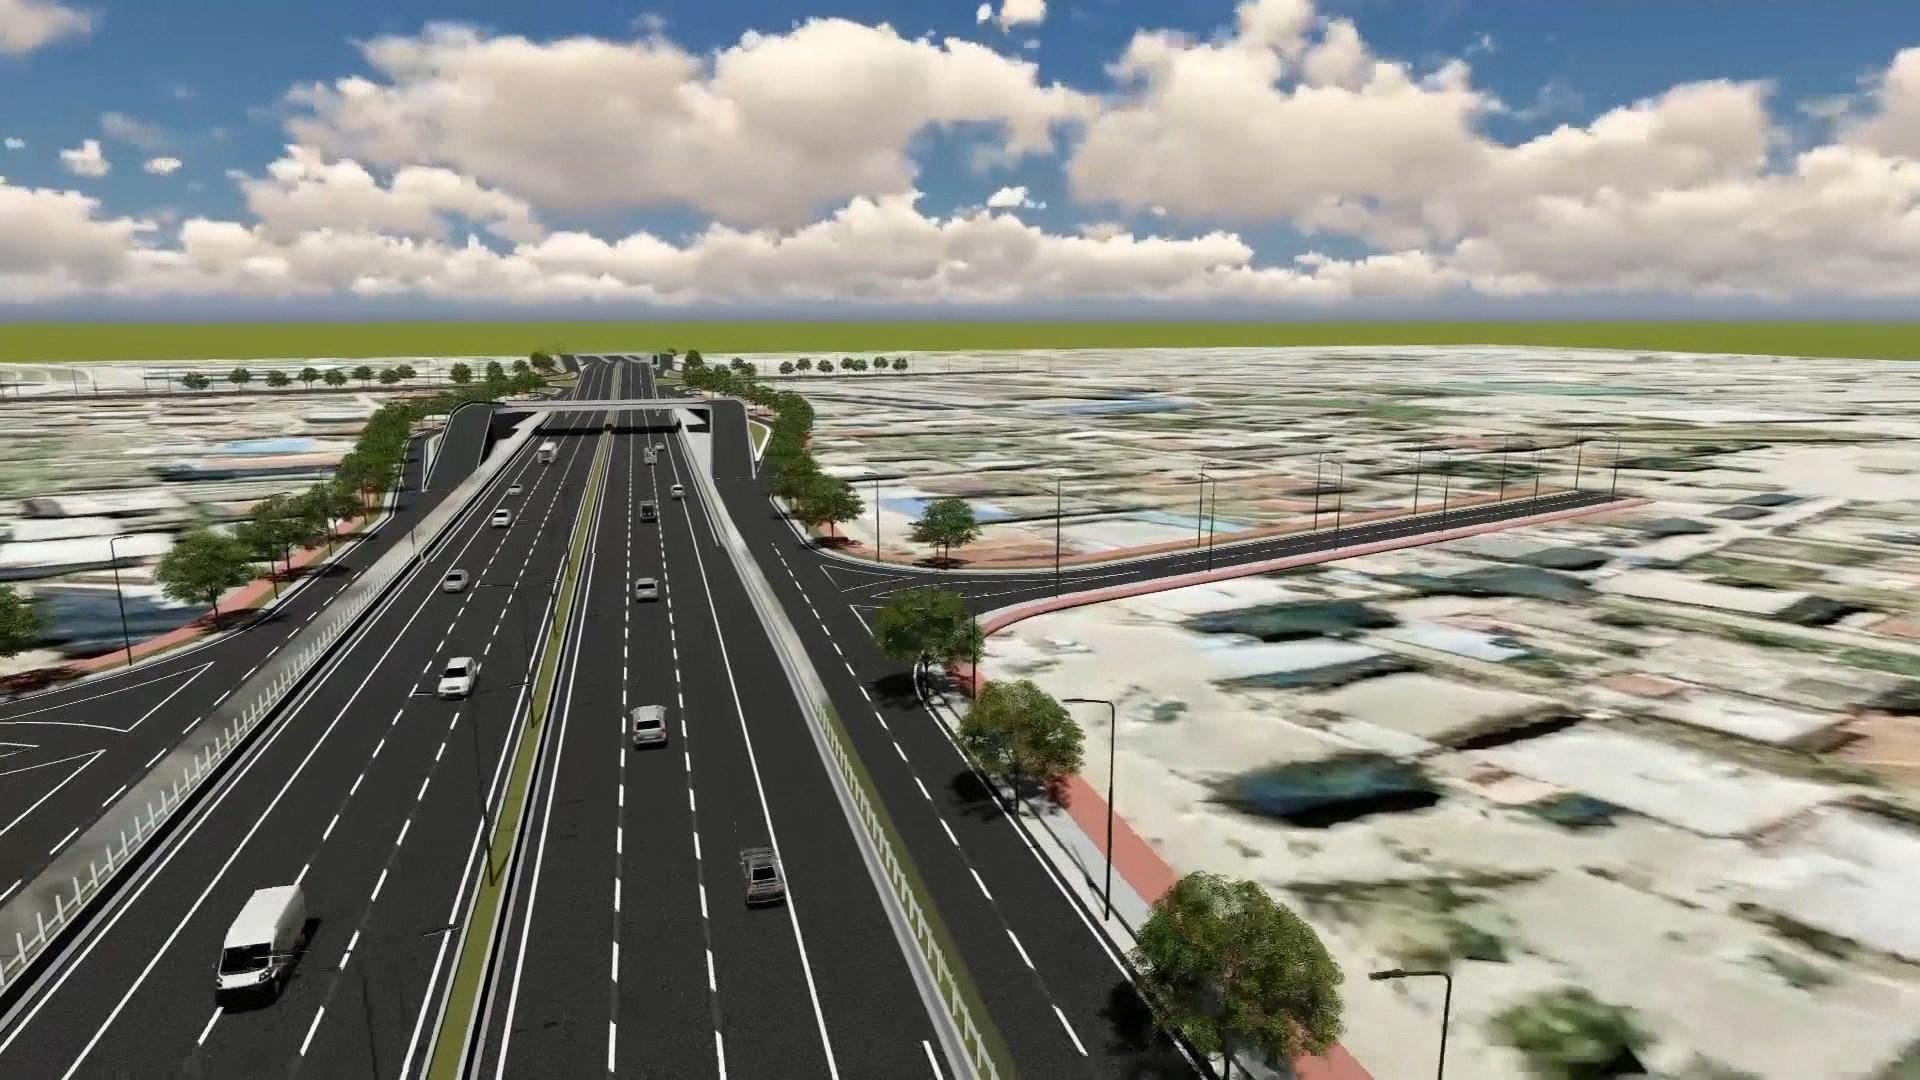 ARRSH për unazën, 7.02 km rrugë kanë kosto totale 8.3 mln euro